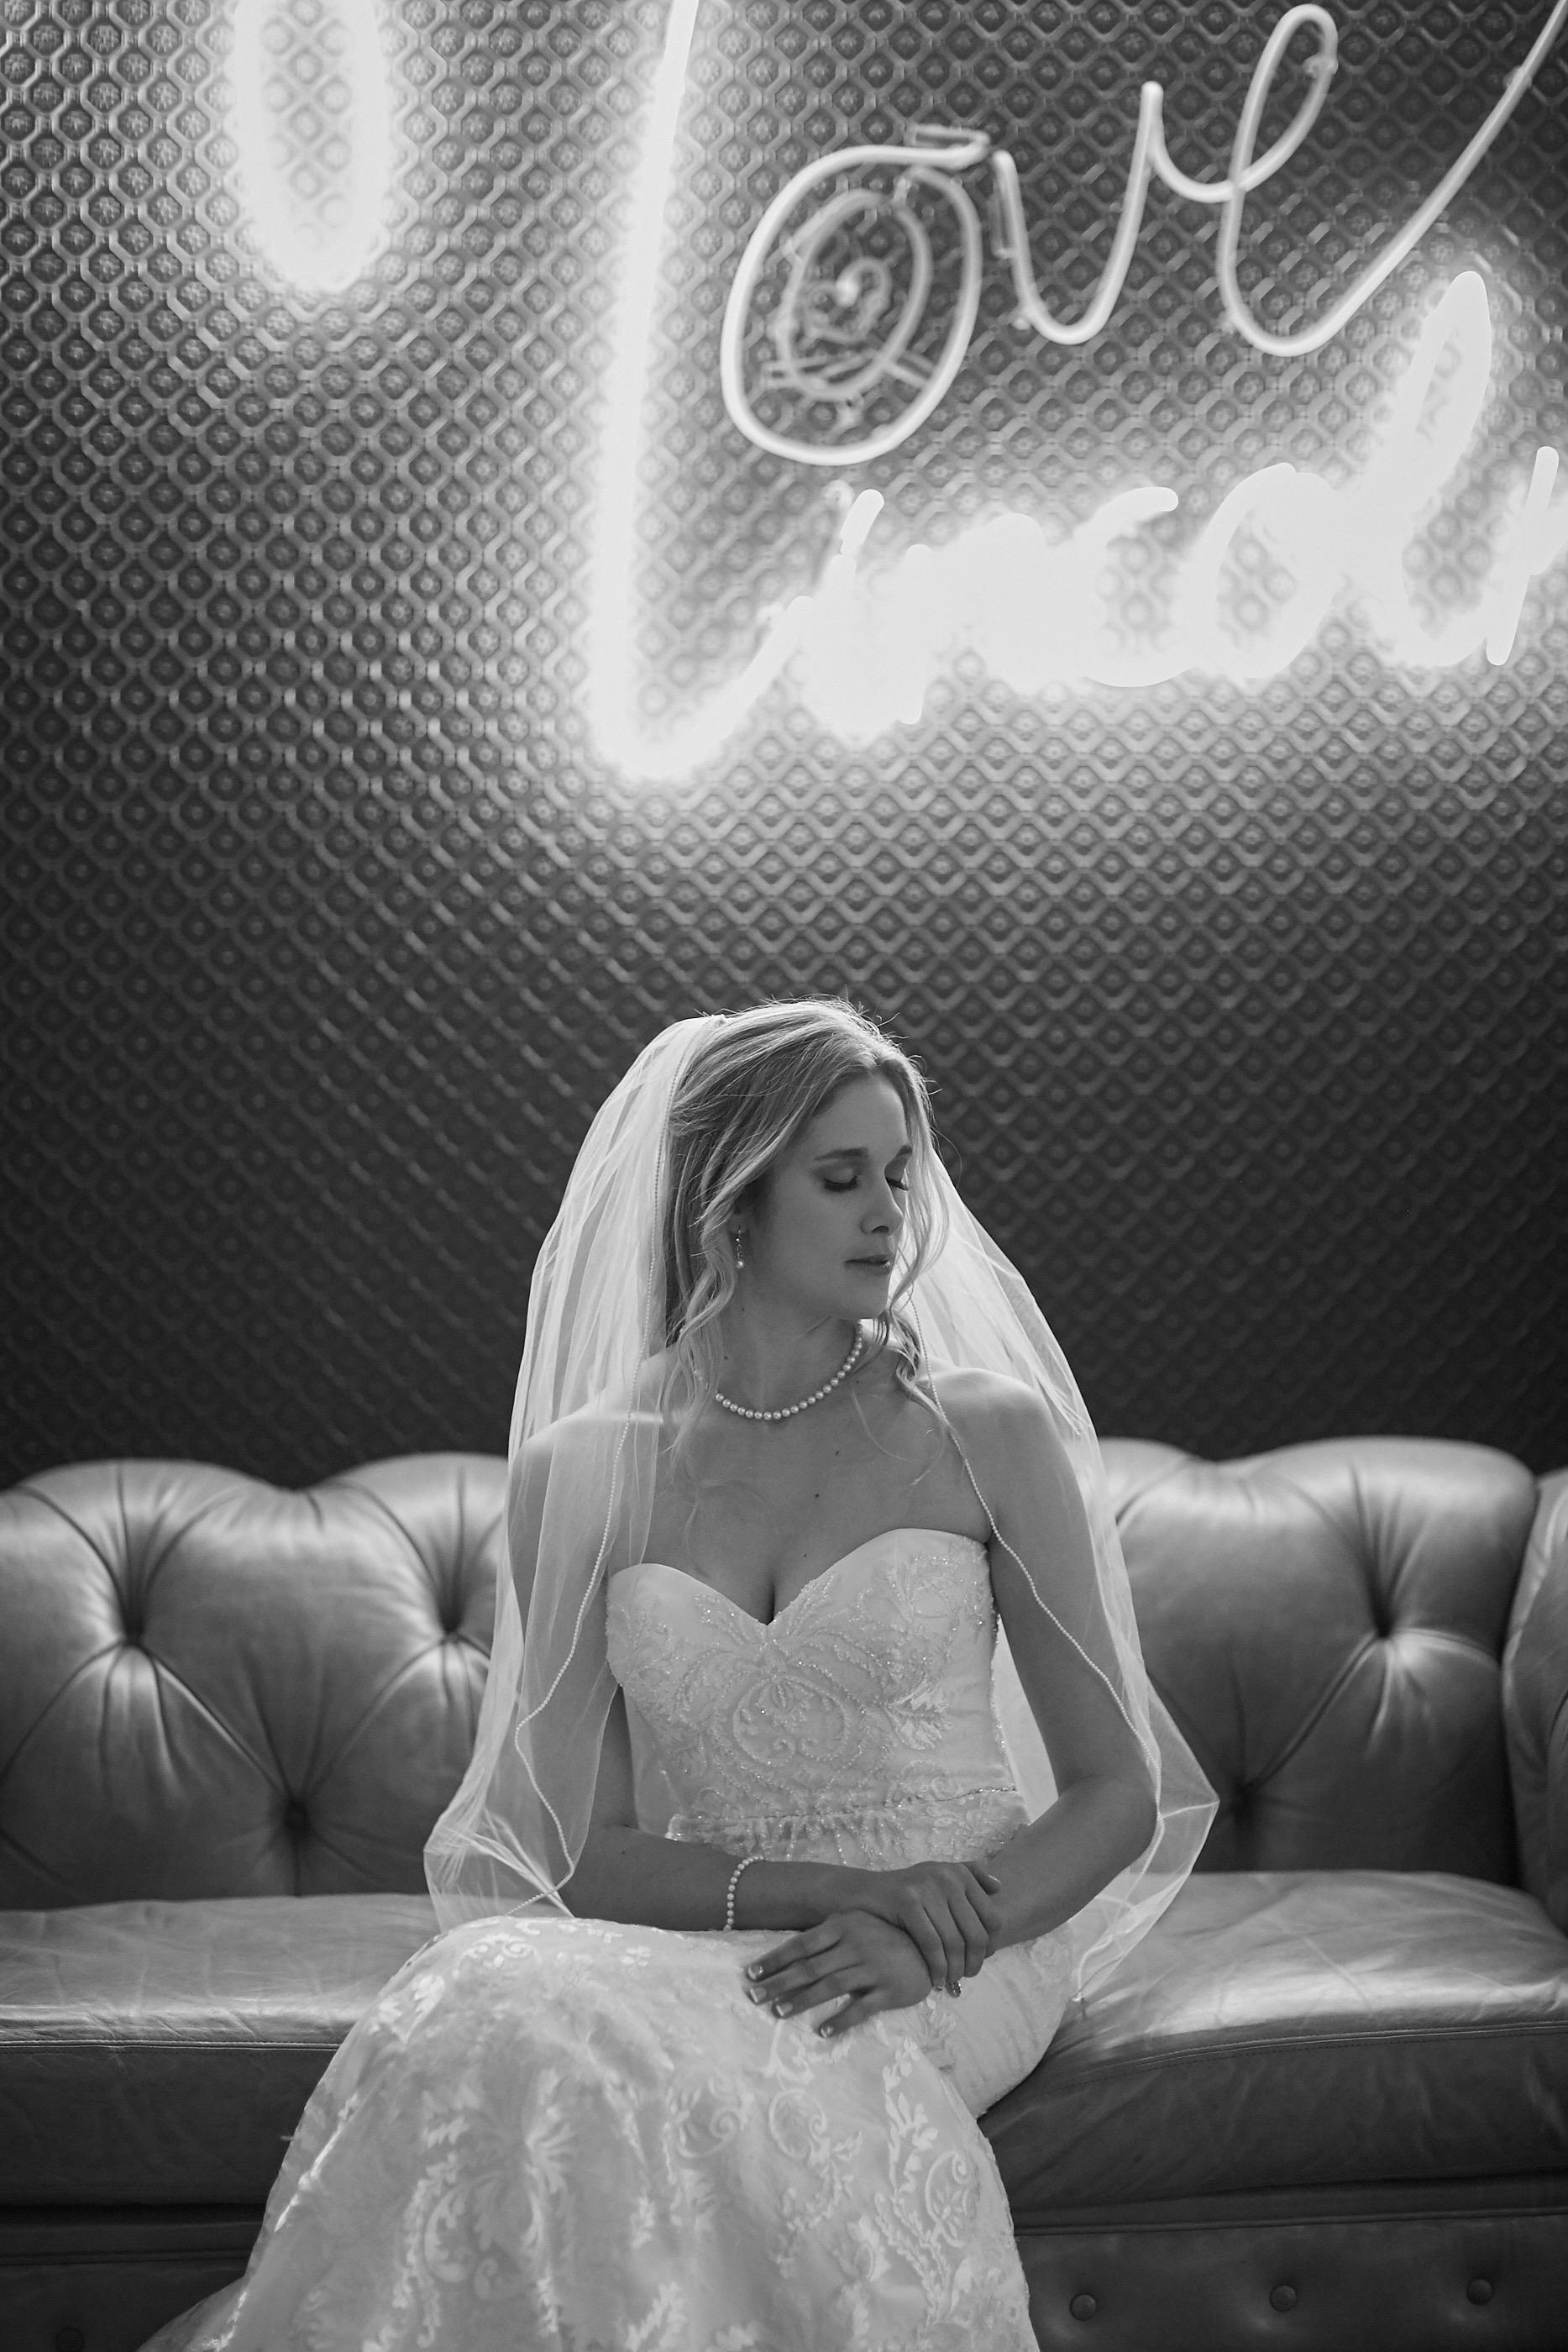 bride wedding dress wedding day hotel lincoln